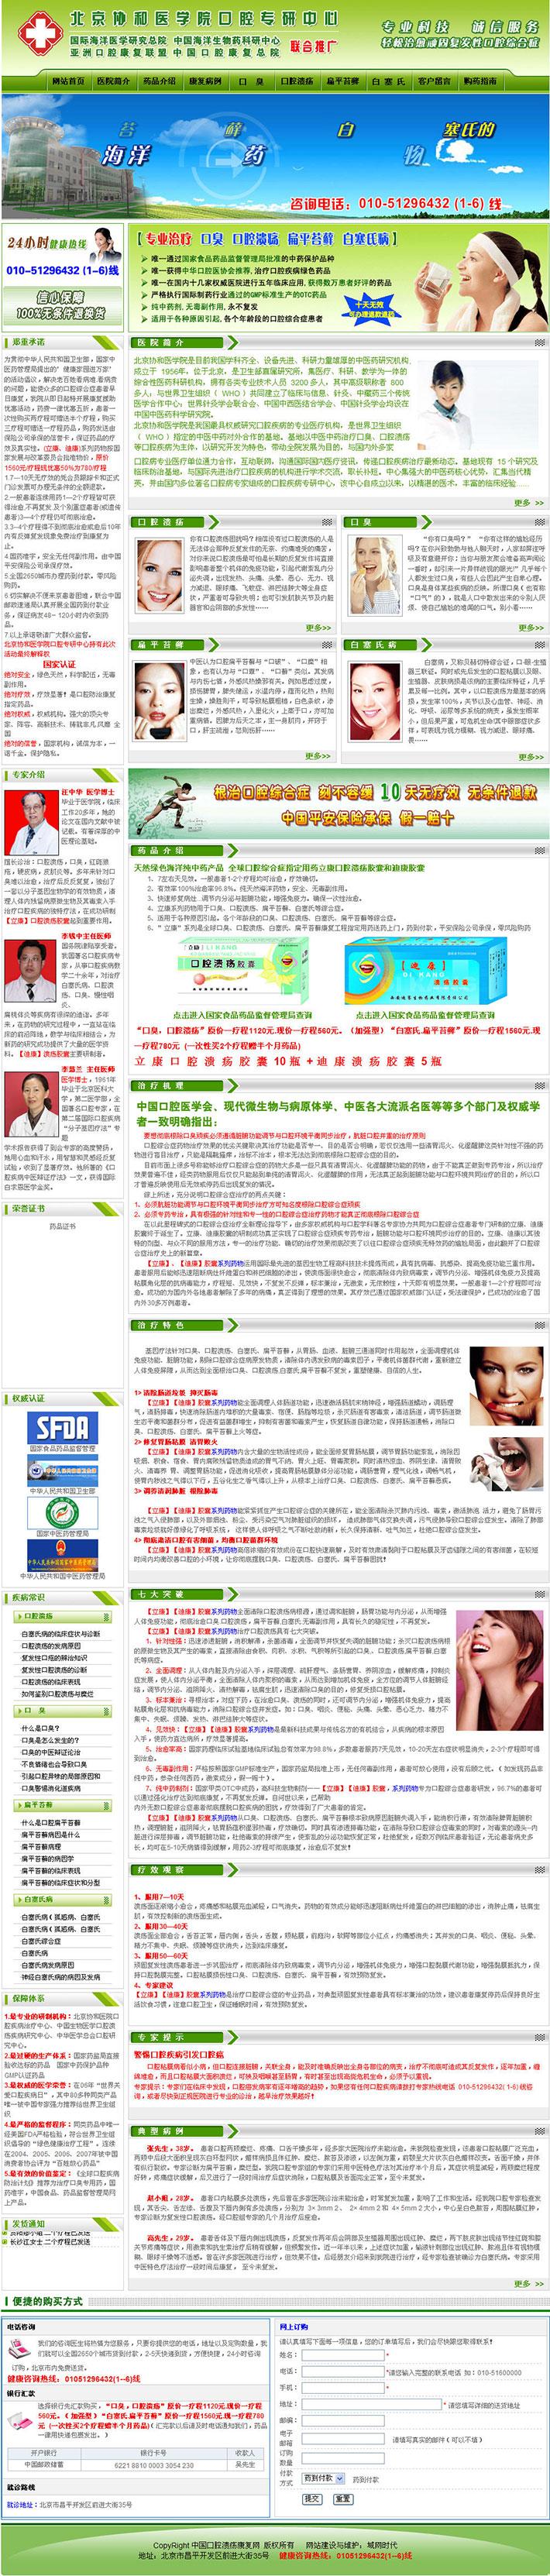 口腔保健中心网站代码